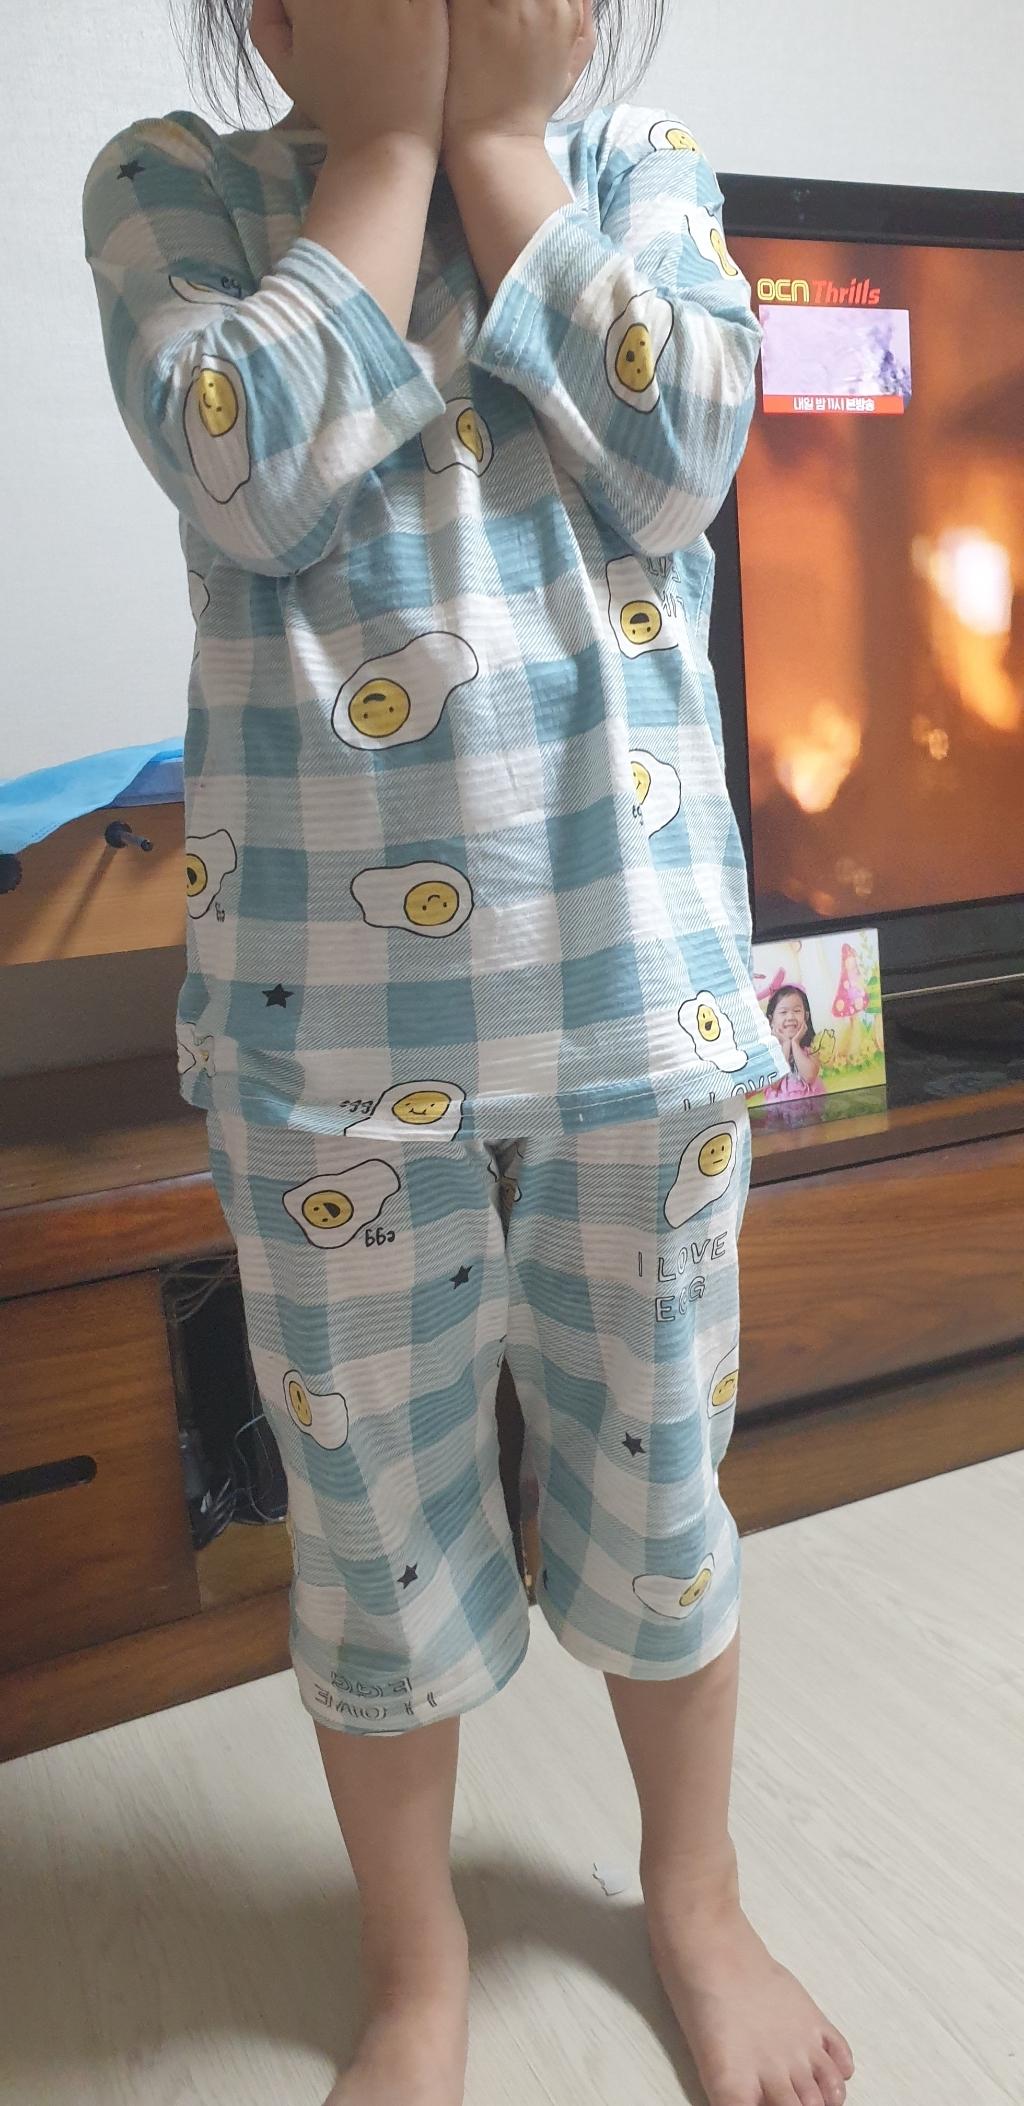 캐릭모아키즈 유아 아동 주니어 내의 내복 실내복 잠옷 쟈가드 7부 에그  리뷰 후기